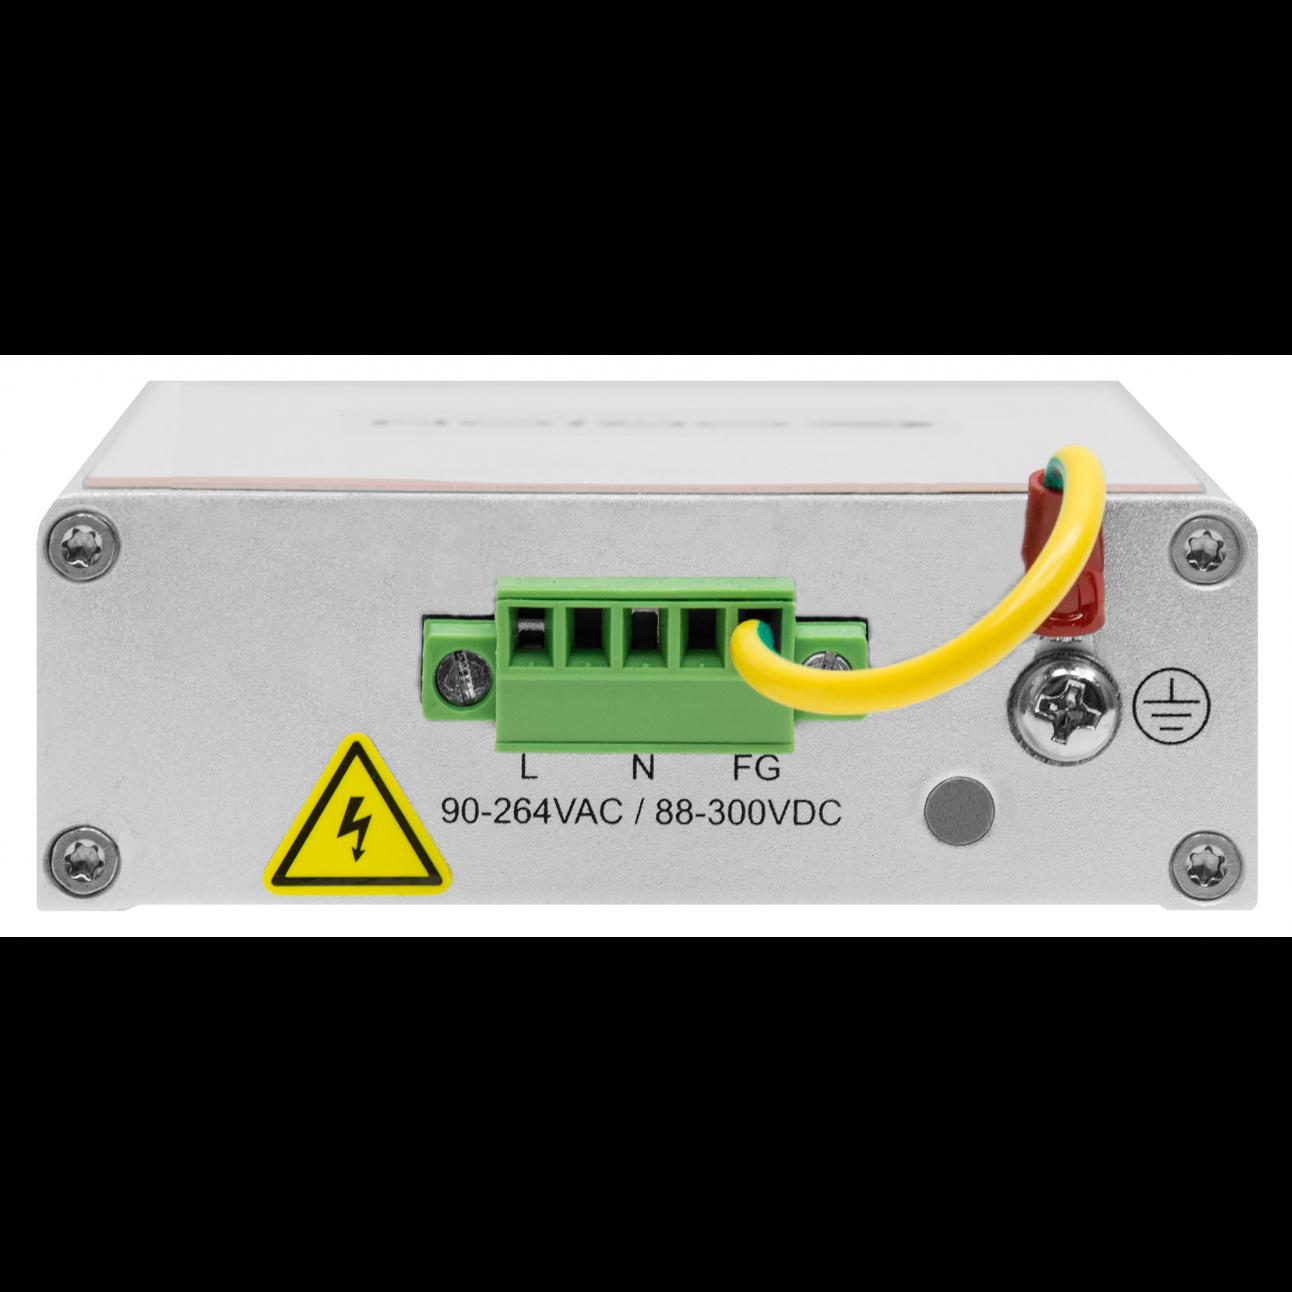 Управляемый индустриальный медиаконвертер 10/100-Base-T / 100Base-FX, 1310нм, 20Км